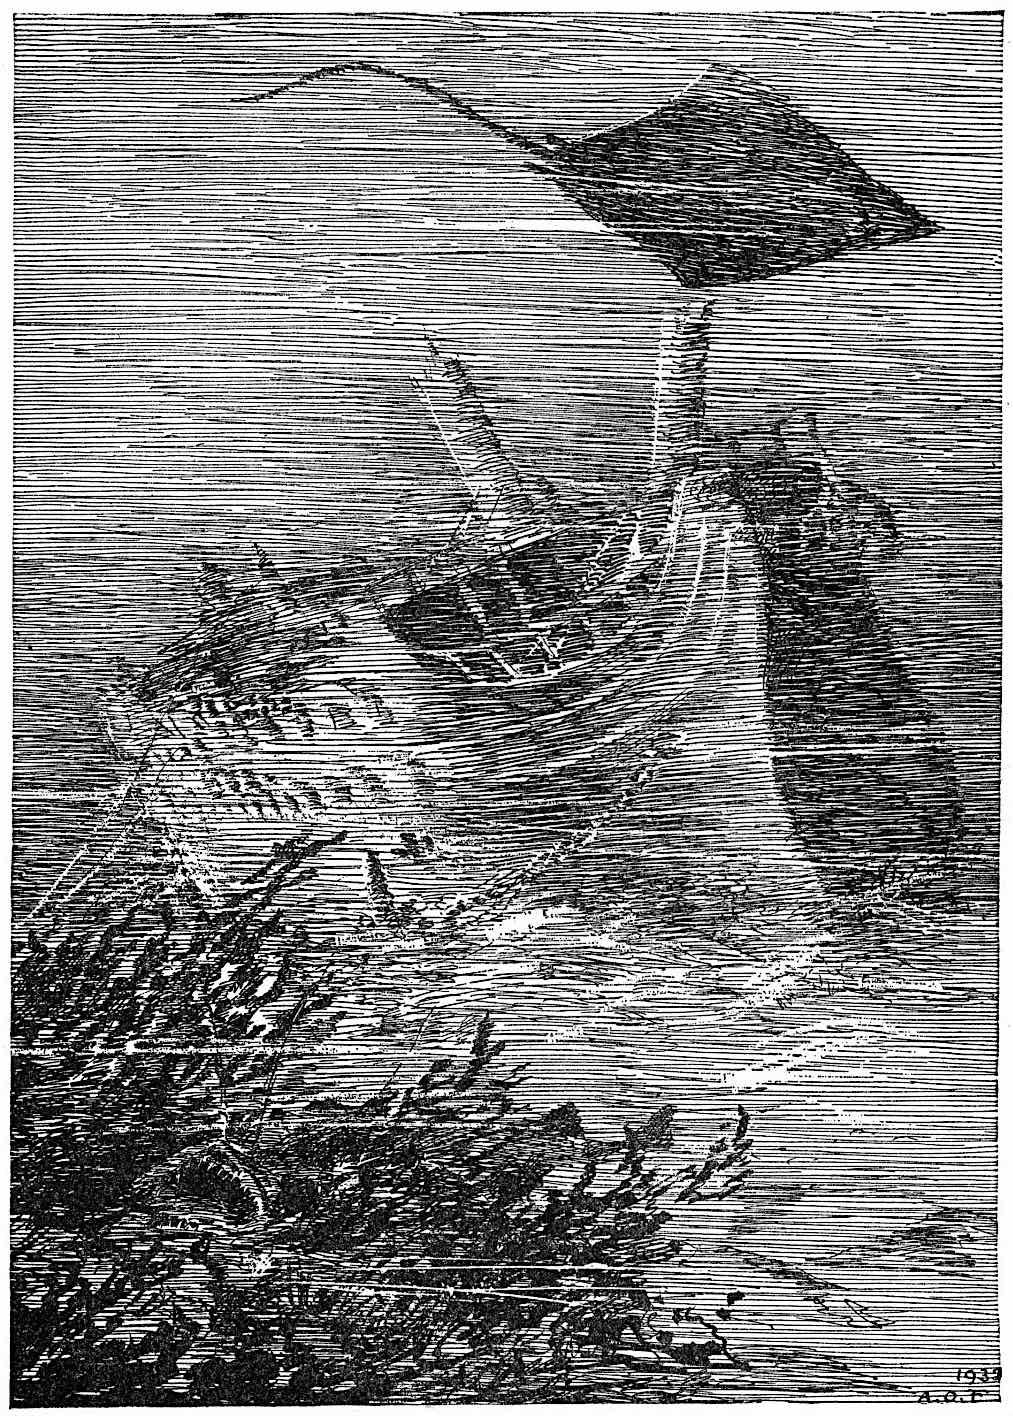 Anton Otto Fischer 1939, a sunken ship wreck